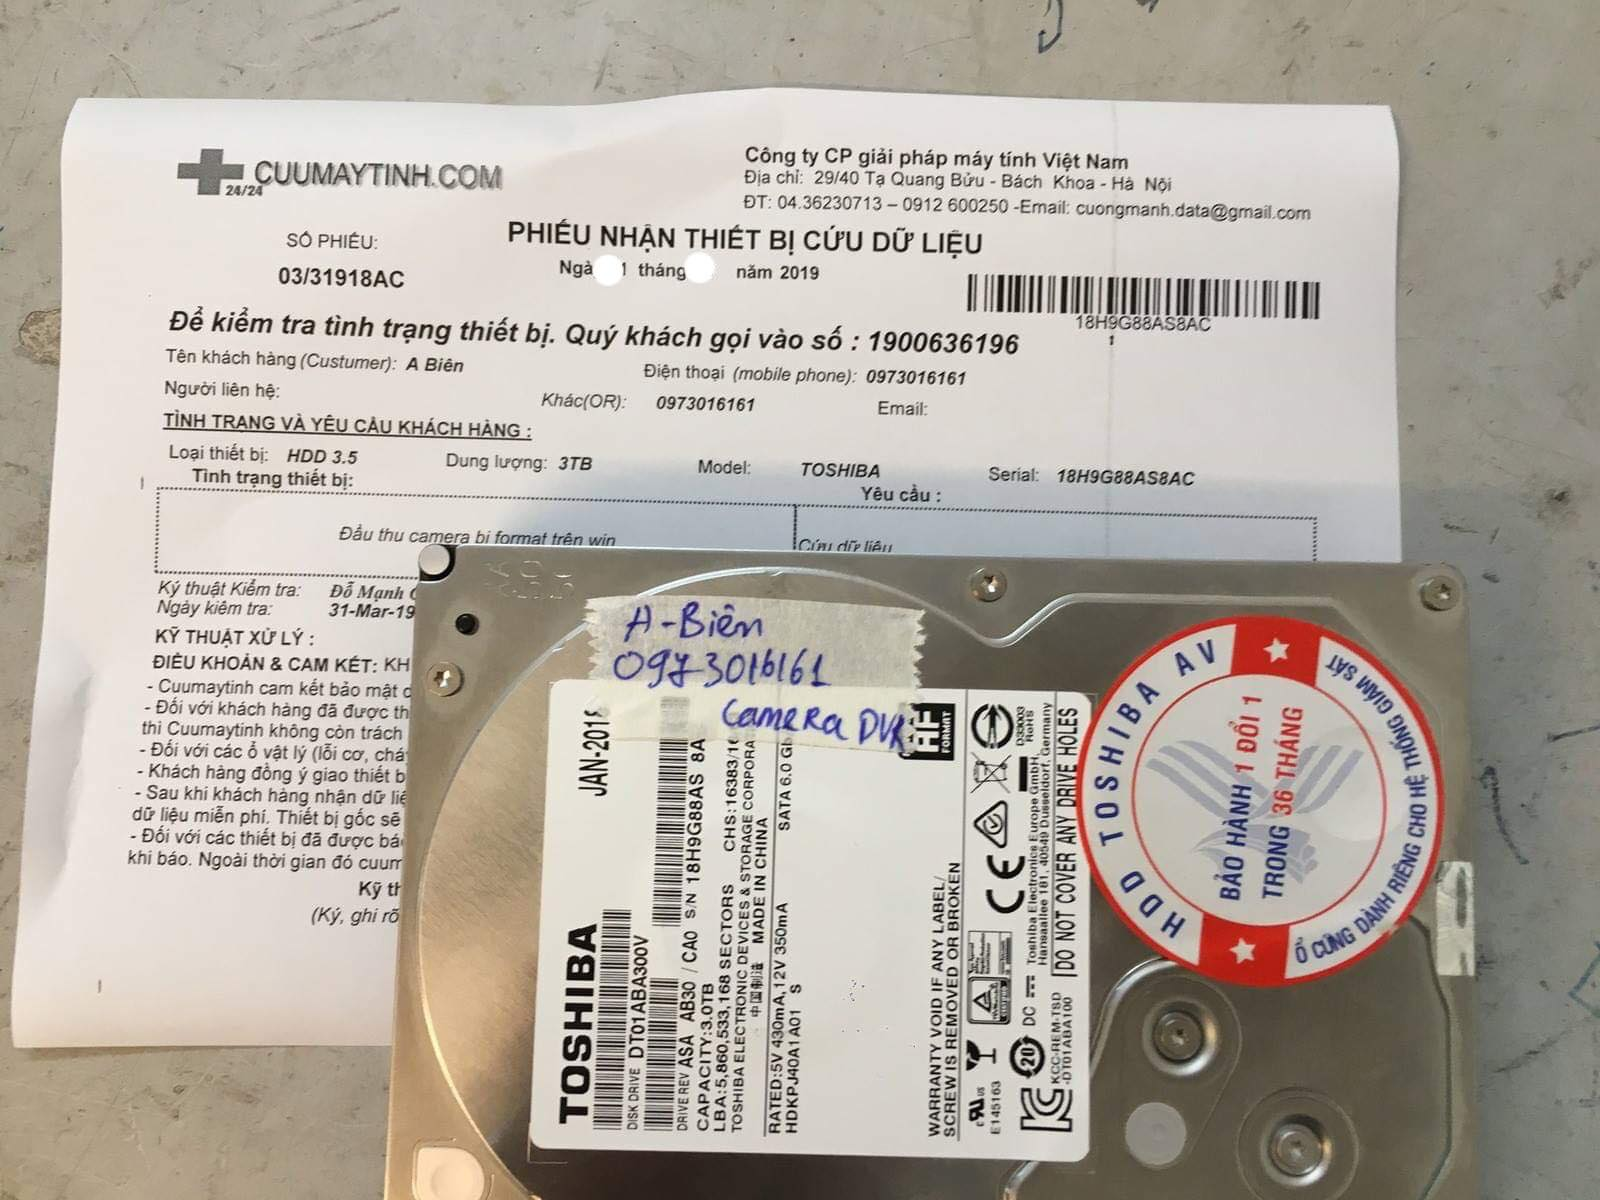 Phục hồi dữ liệu ổ cứng Toshiba 3TB format nhầm 12/04/2019 - cuumaytinh